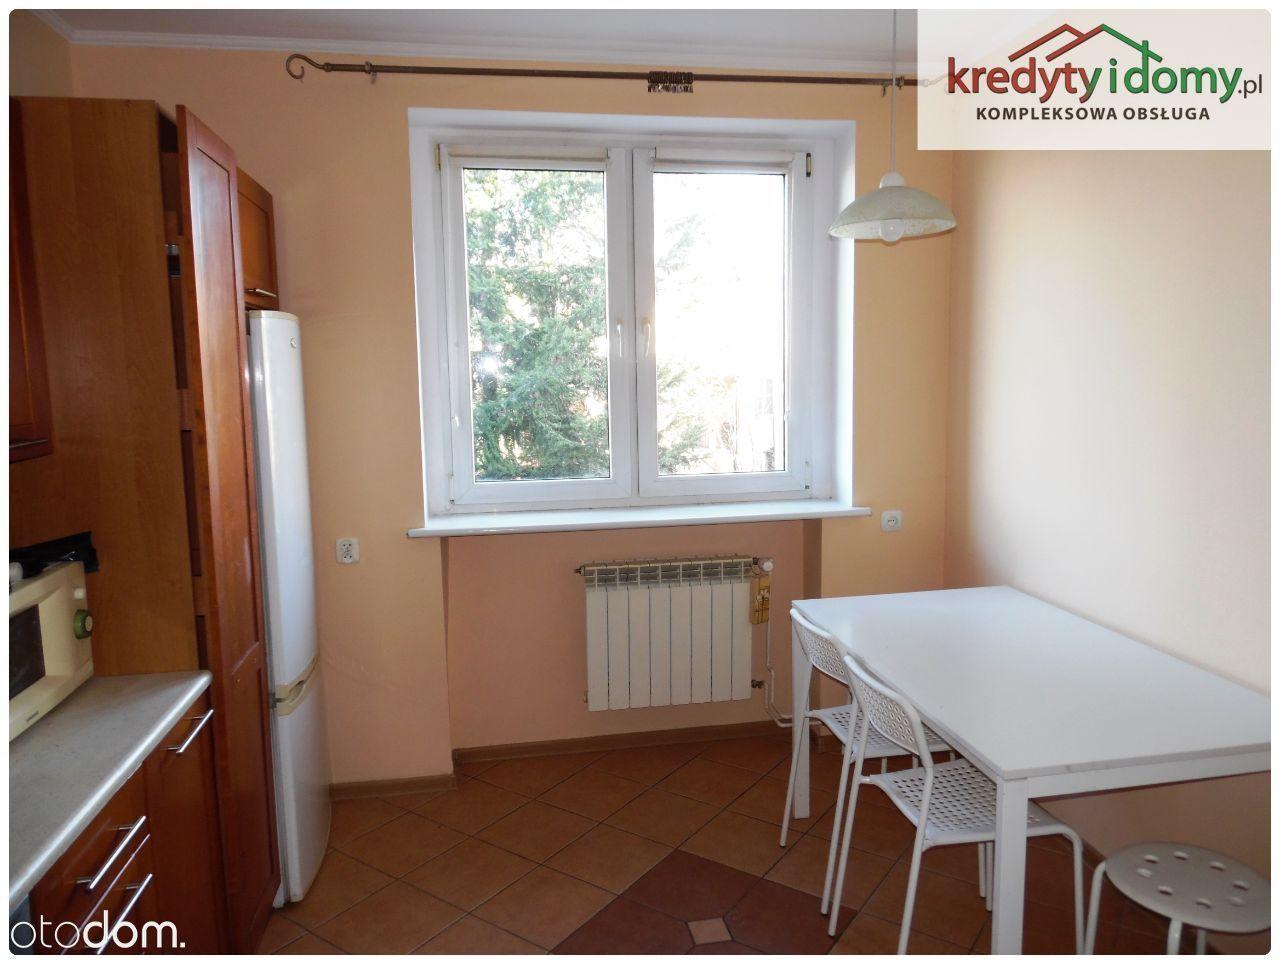 Gotowe mieszkanie, 3 piwnice, garażem i działka !